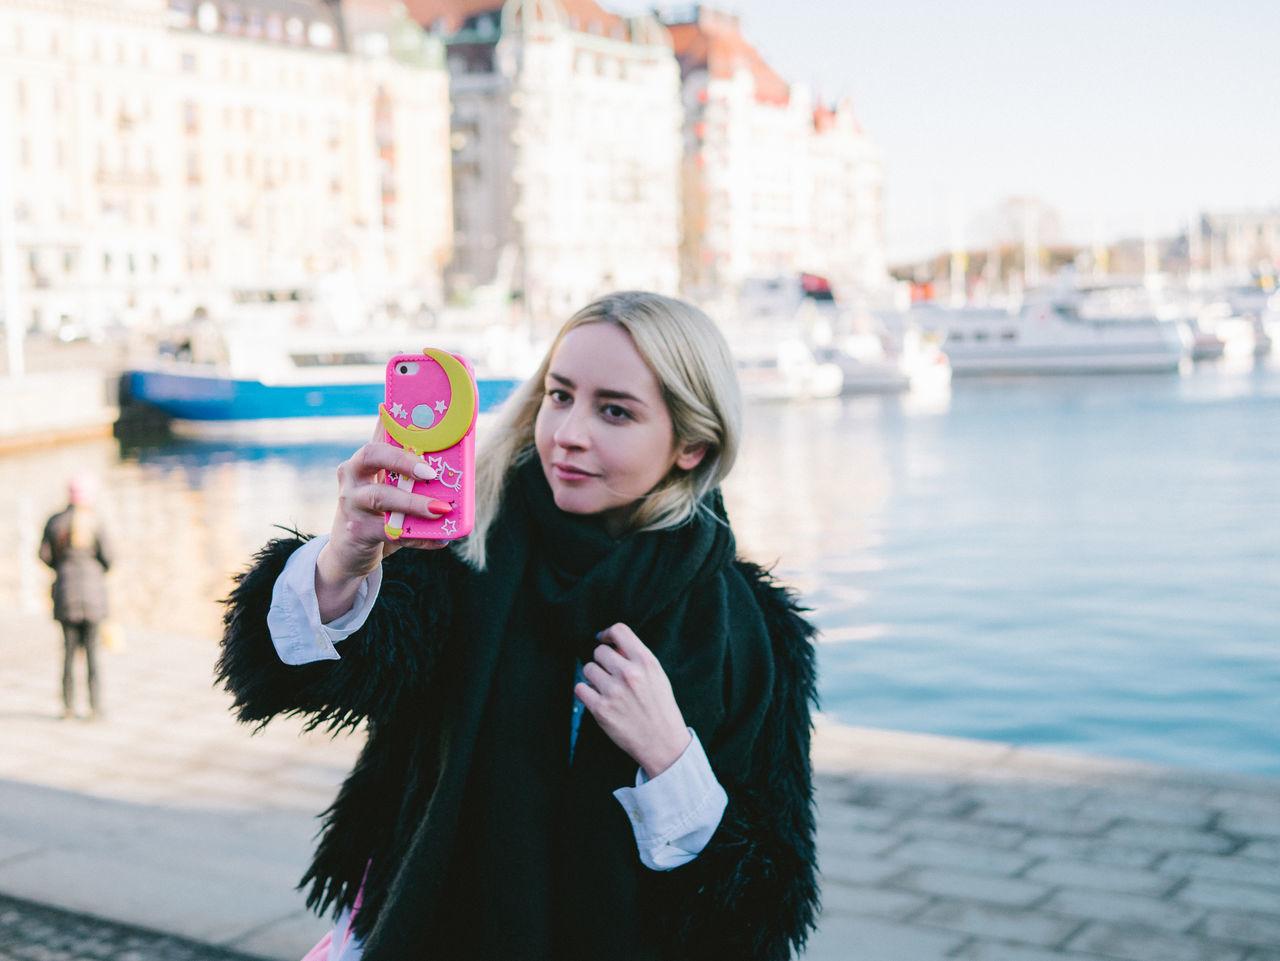 selfie timeee Selfie Stockholm Woman